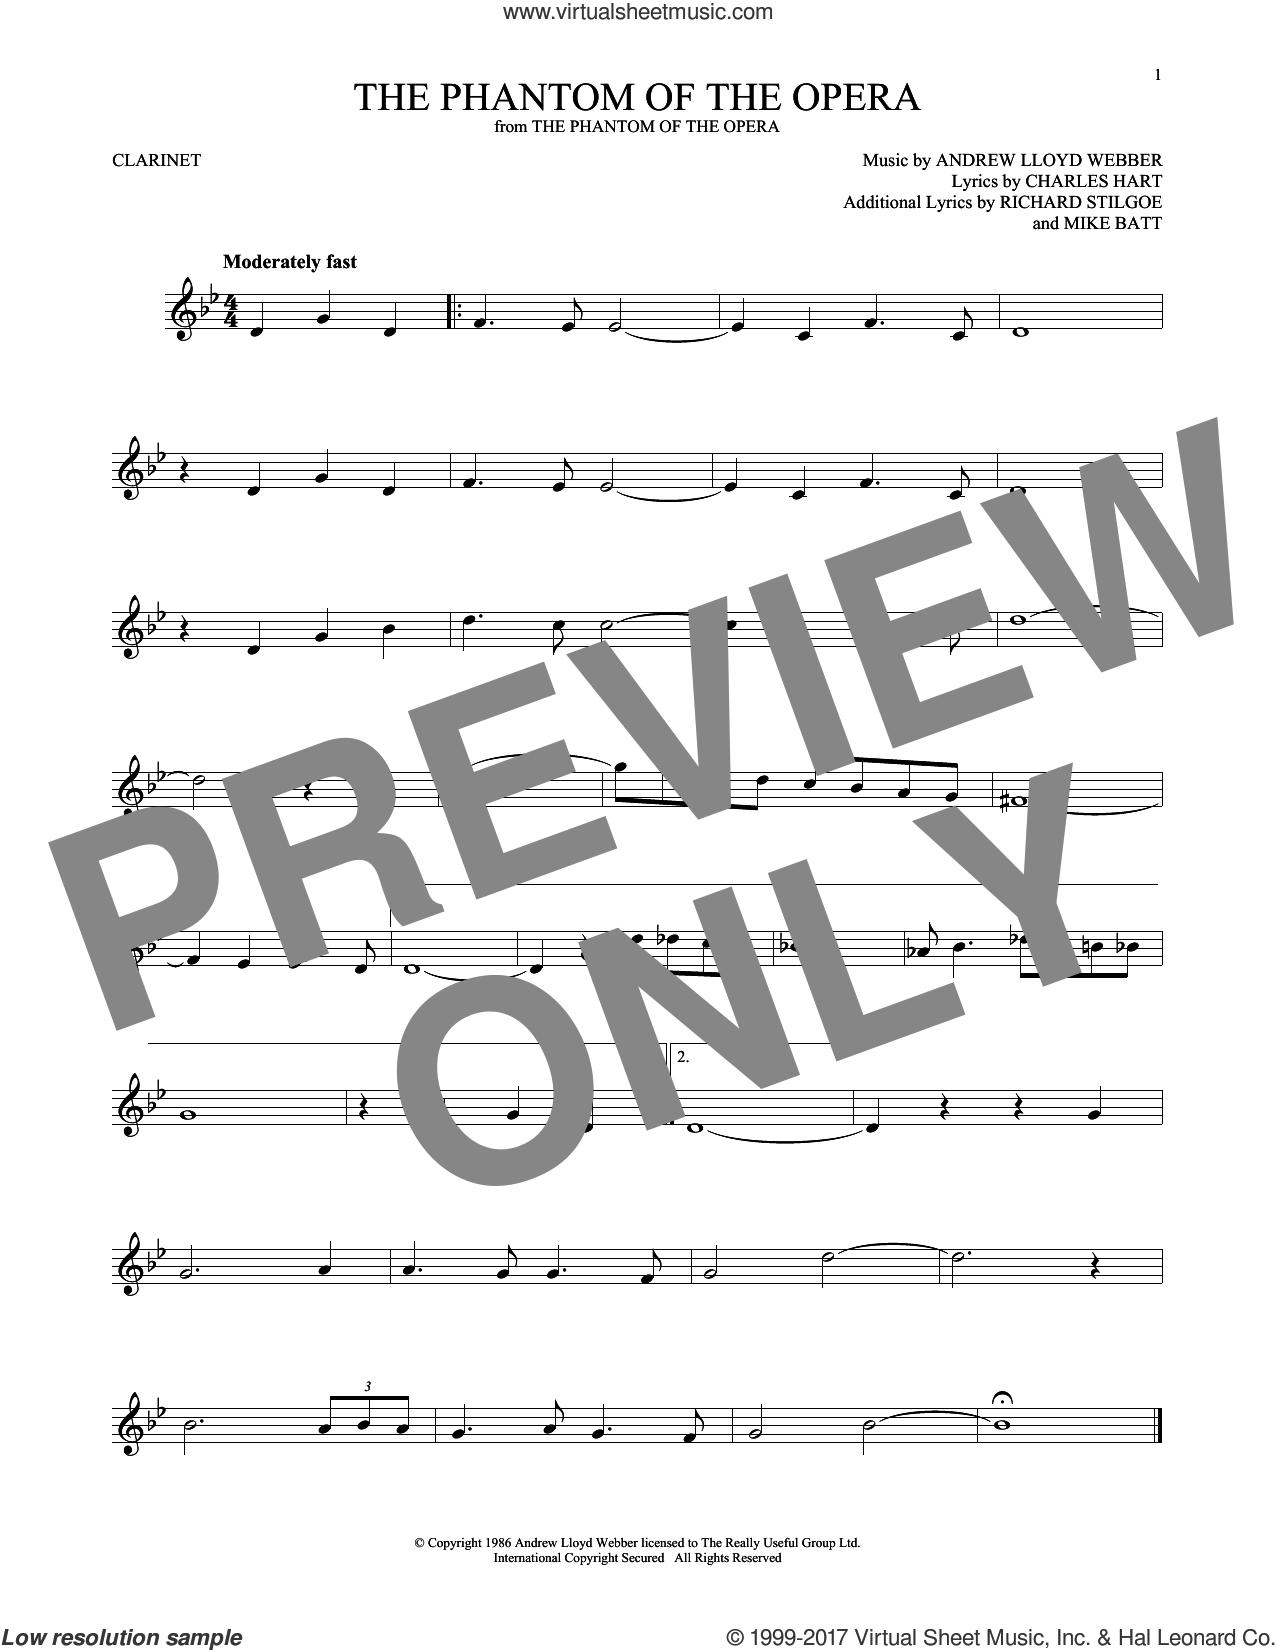 The Phantom Of The Opera sheet music for clarinet solo by Andrew Lloyd Webber, Charles Hart, Mike Batt and Richard Stilgoe, intermediate skill level